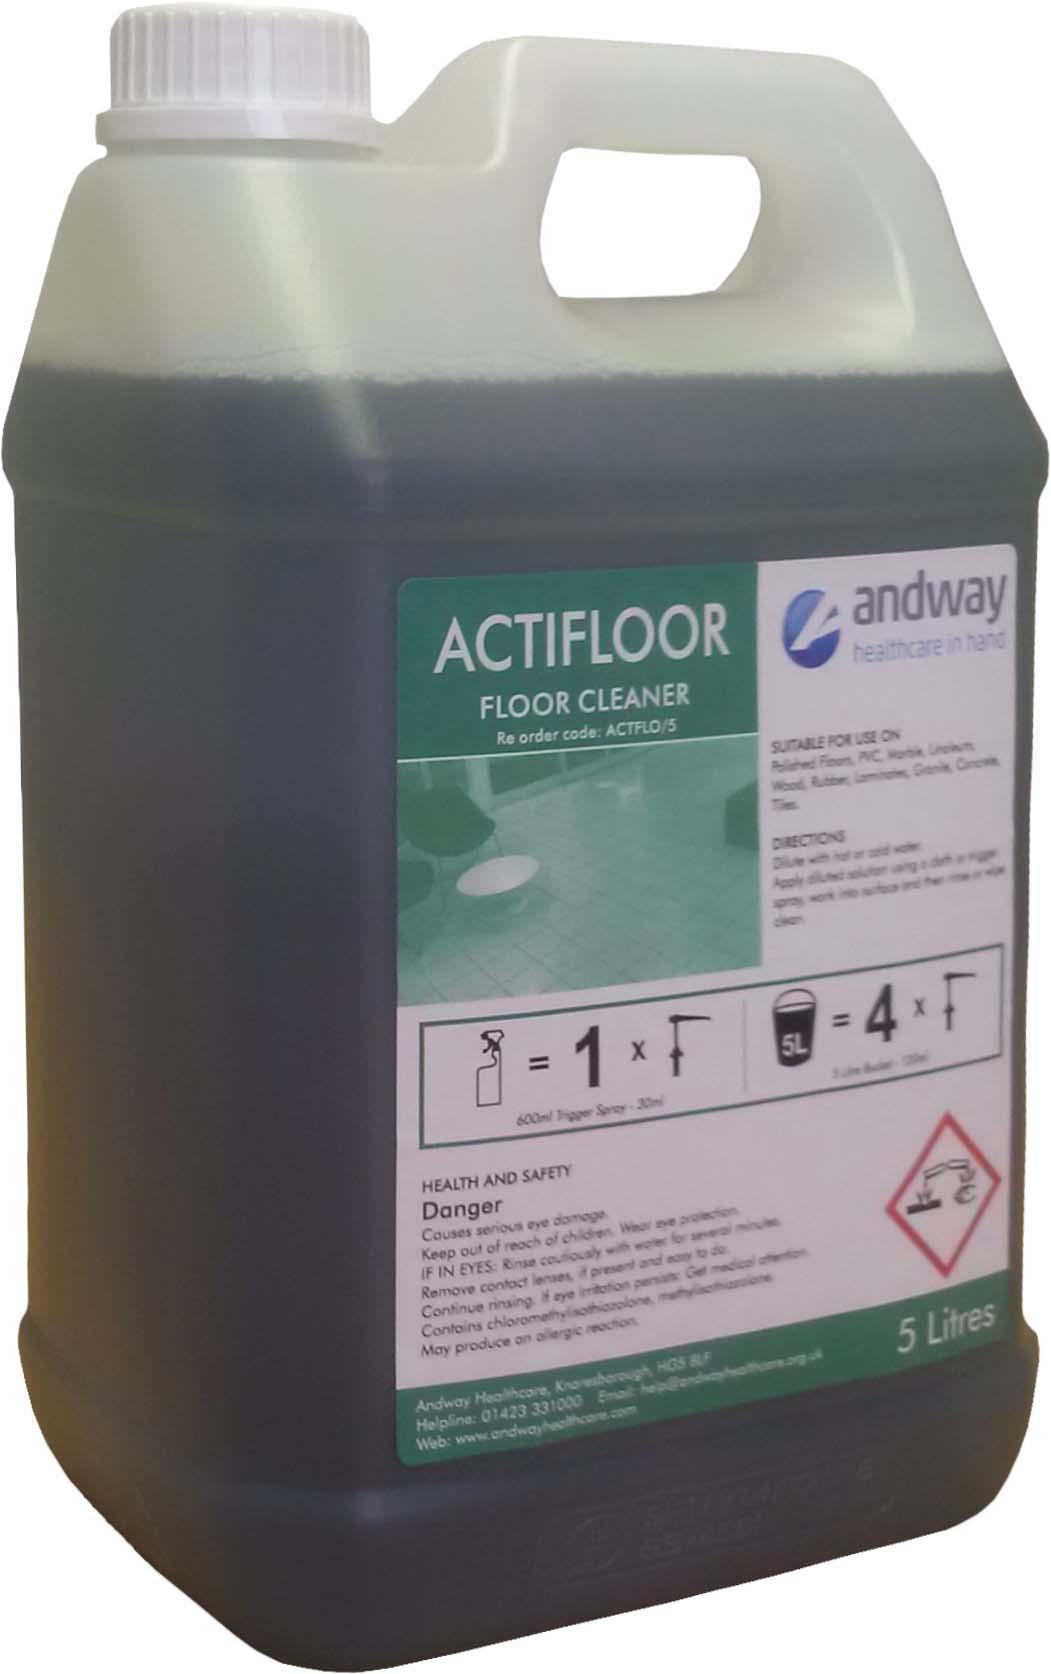 Actifloor 5L